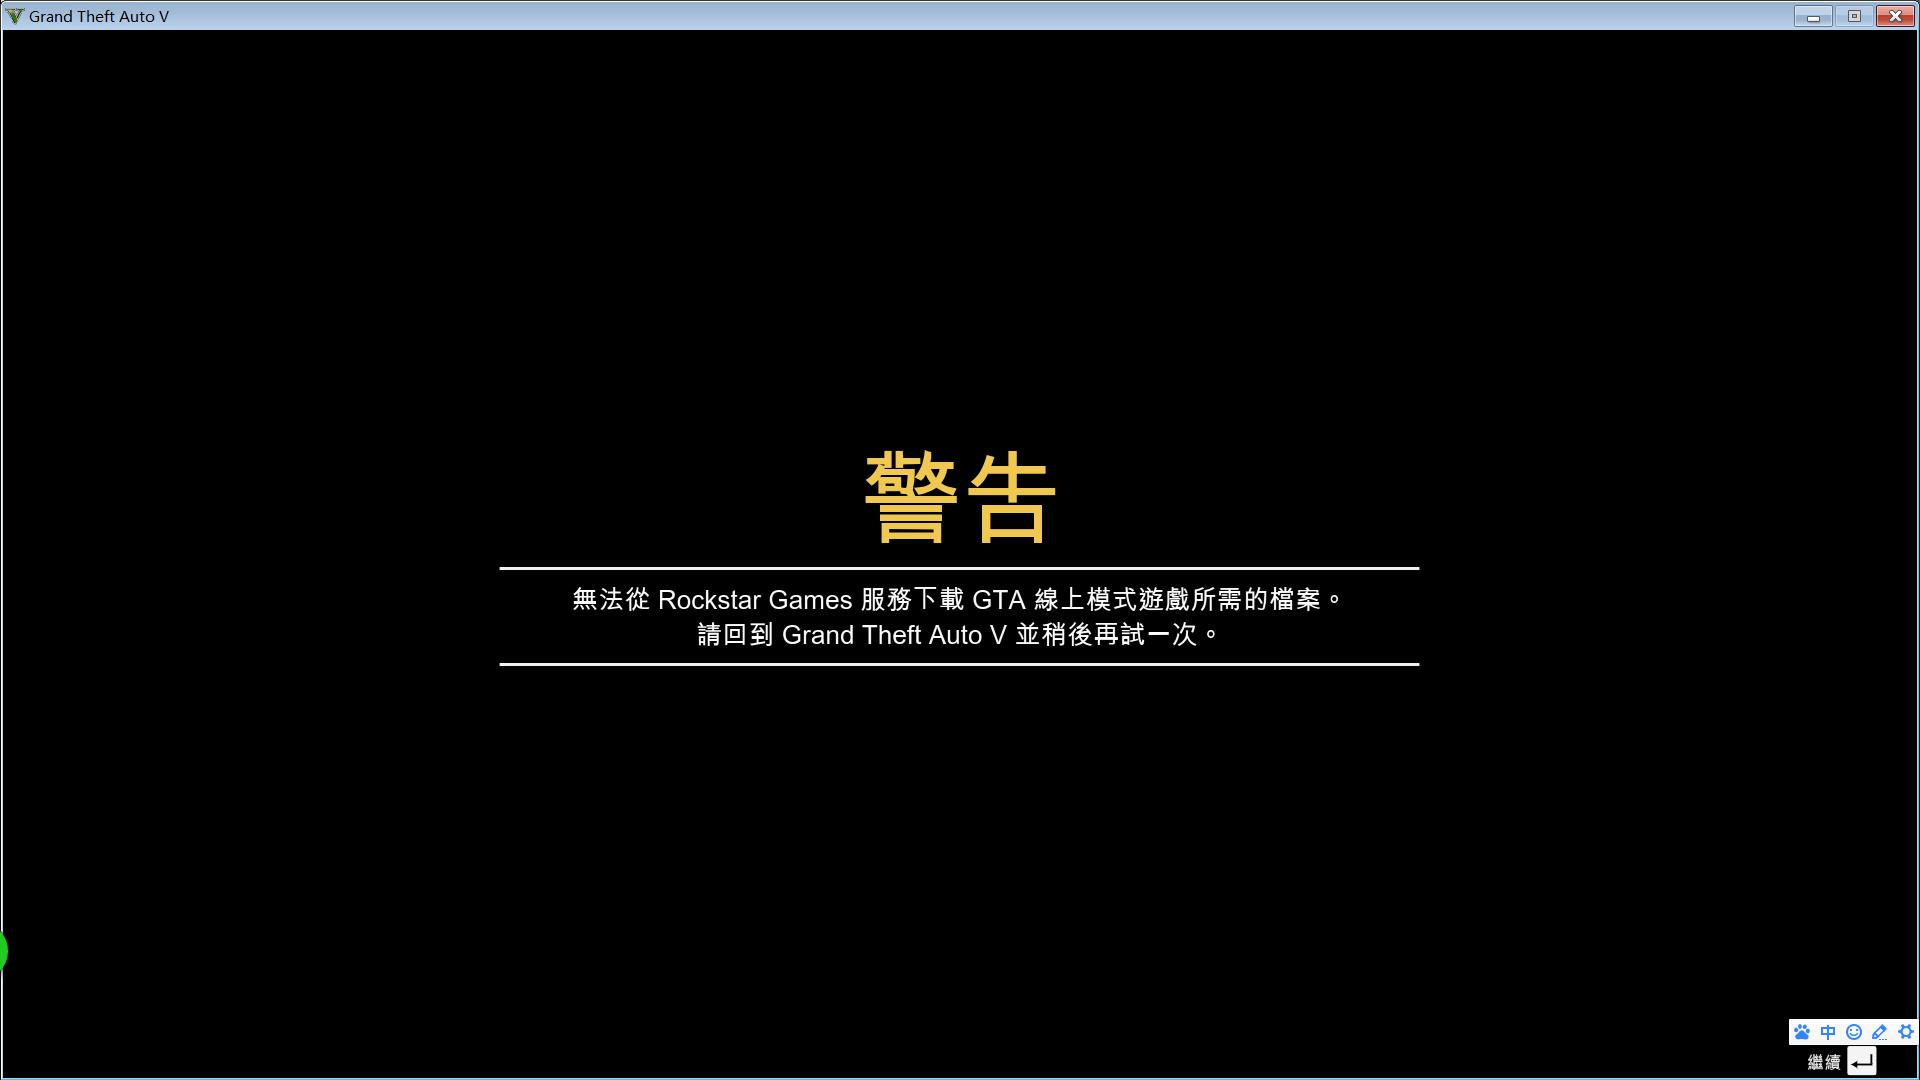 gta5线上完不了无法读取档案到现在都没上去过